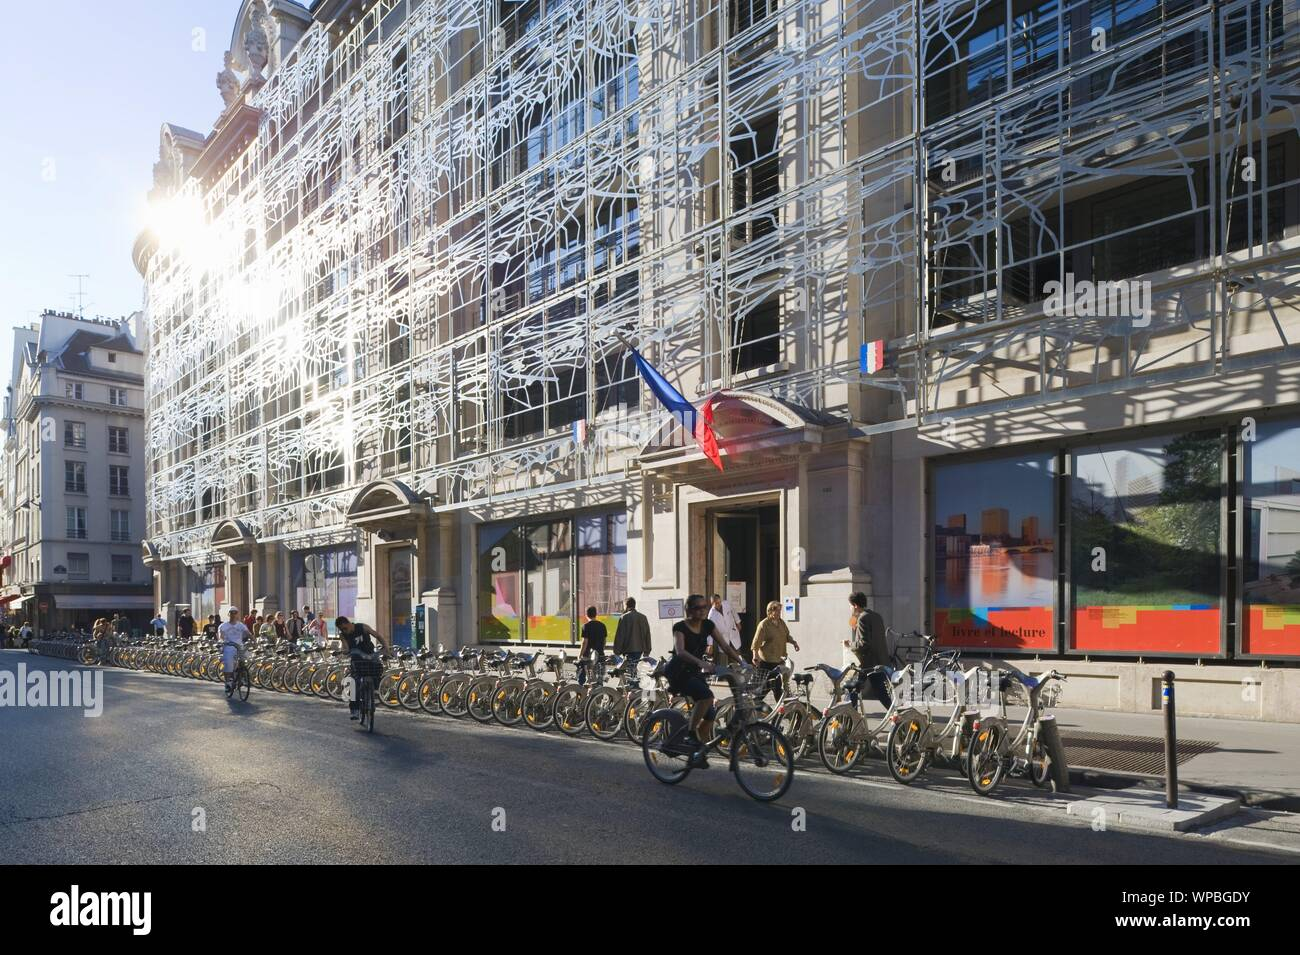 Parigi, Kulturministerium, Francesco Soler, Frédéric Druot 2004 - Parigi, Ministero della Cultura, Francesco Soler, Frédéric Druot 2004 Foto Stock